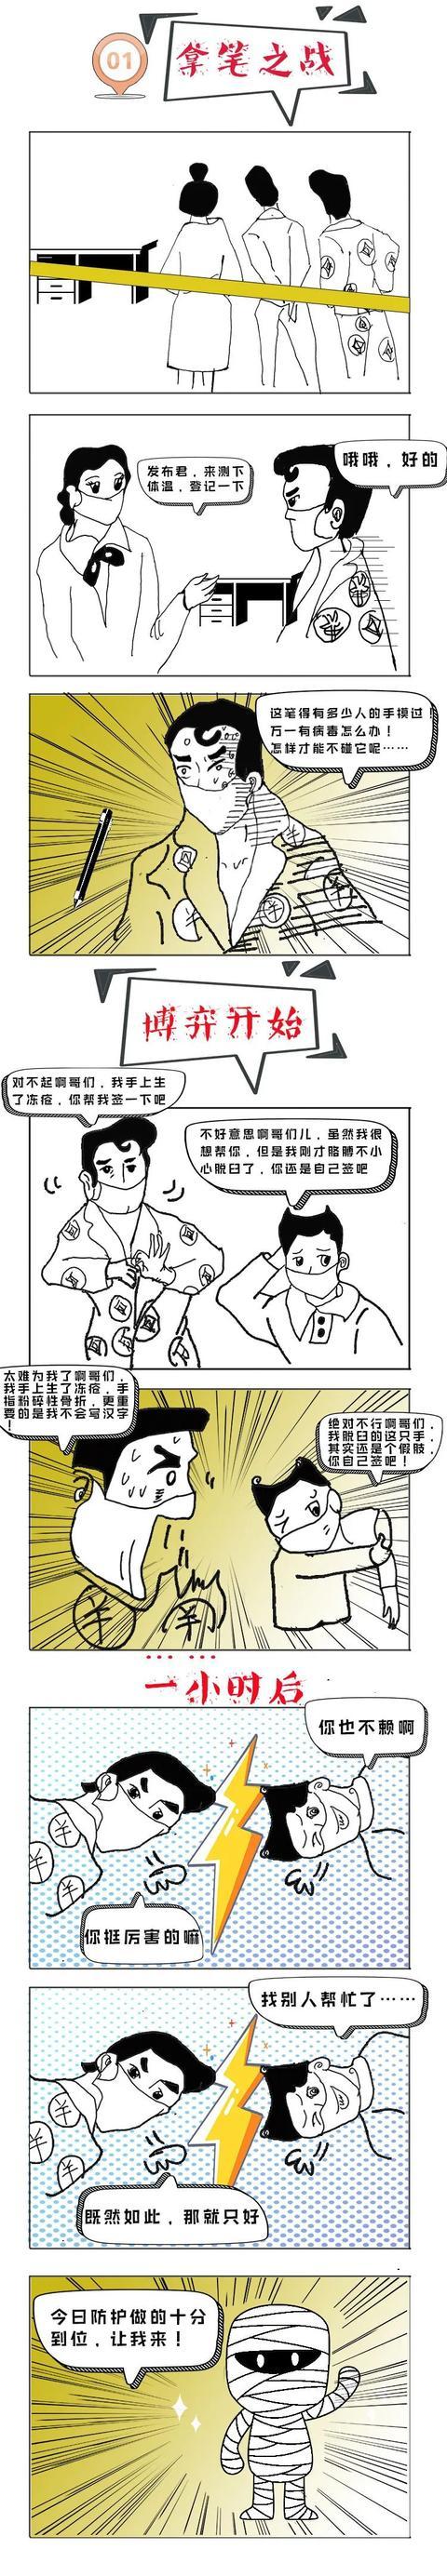 漫画丨这些迷之操作,我不相信你没见过!_韩冬